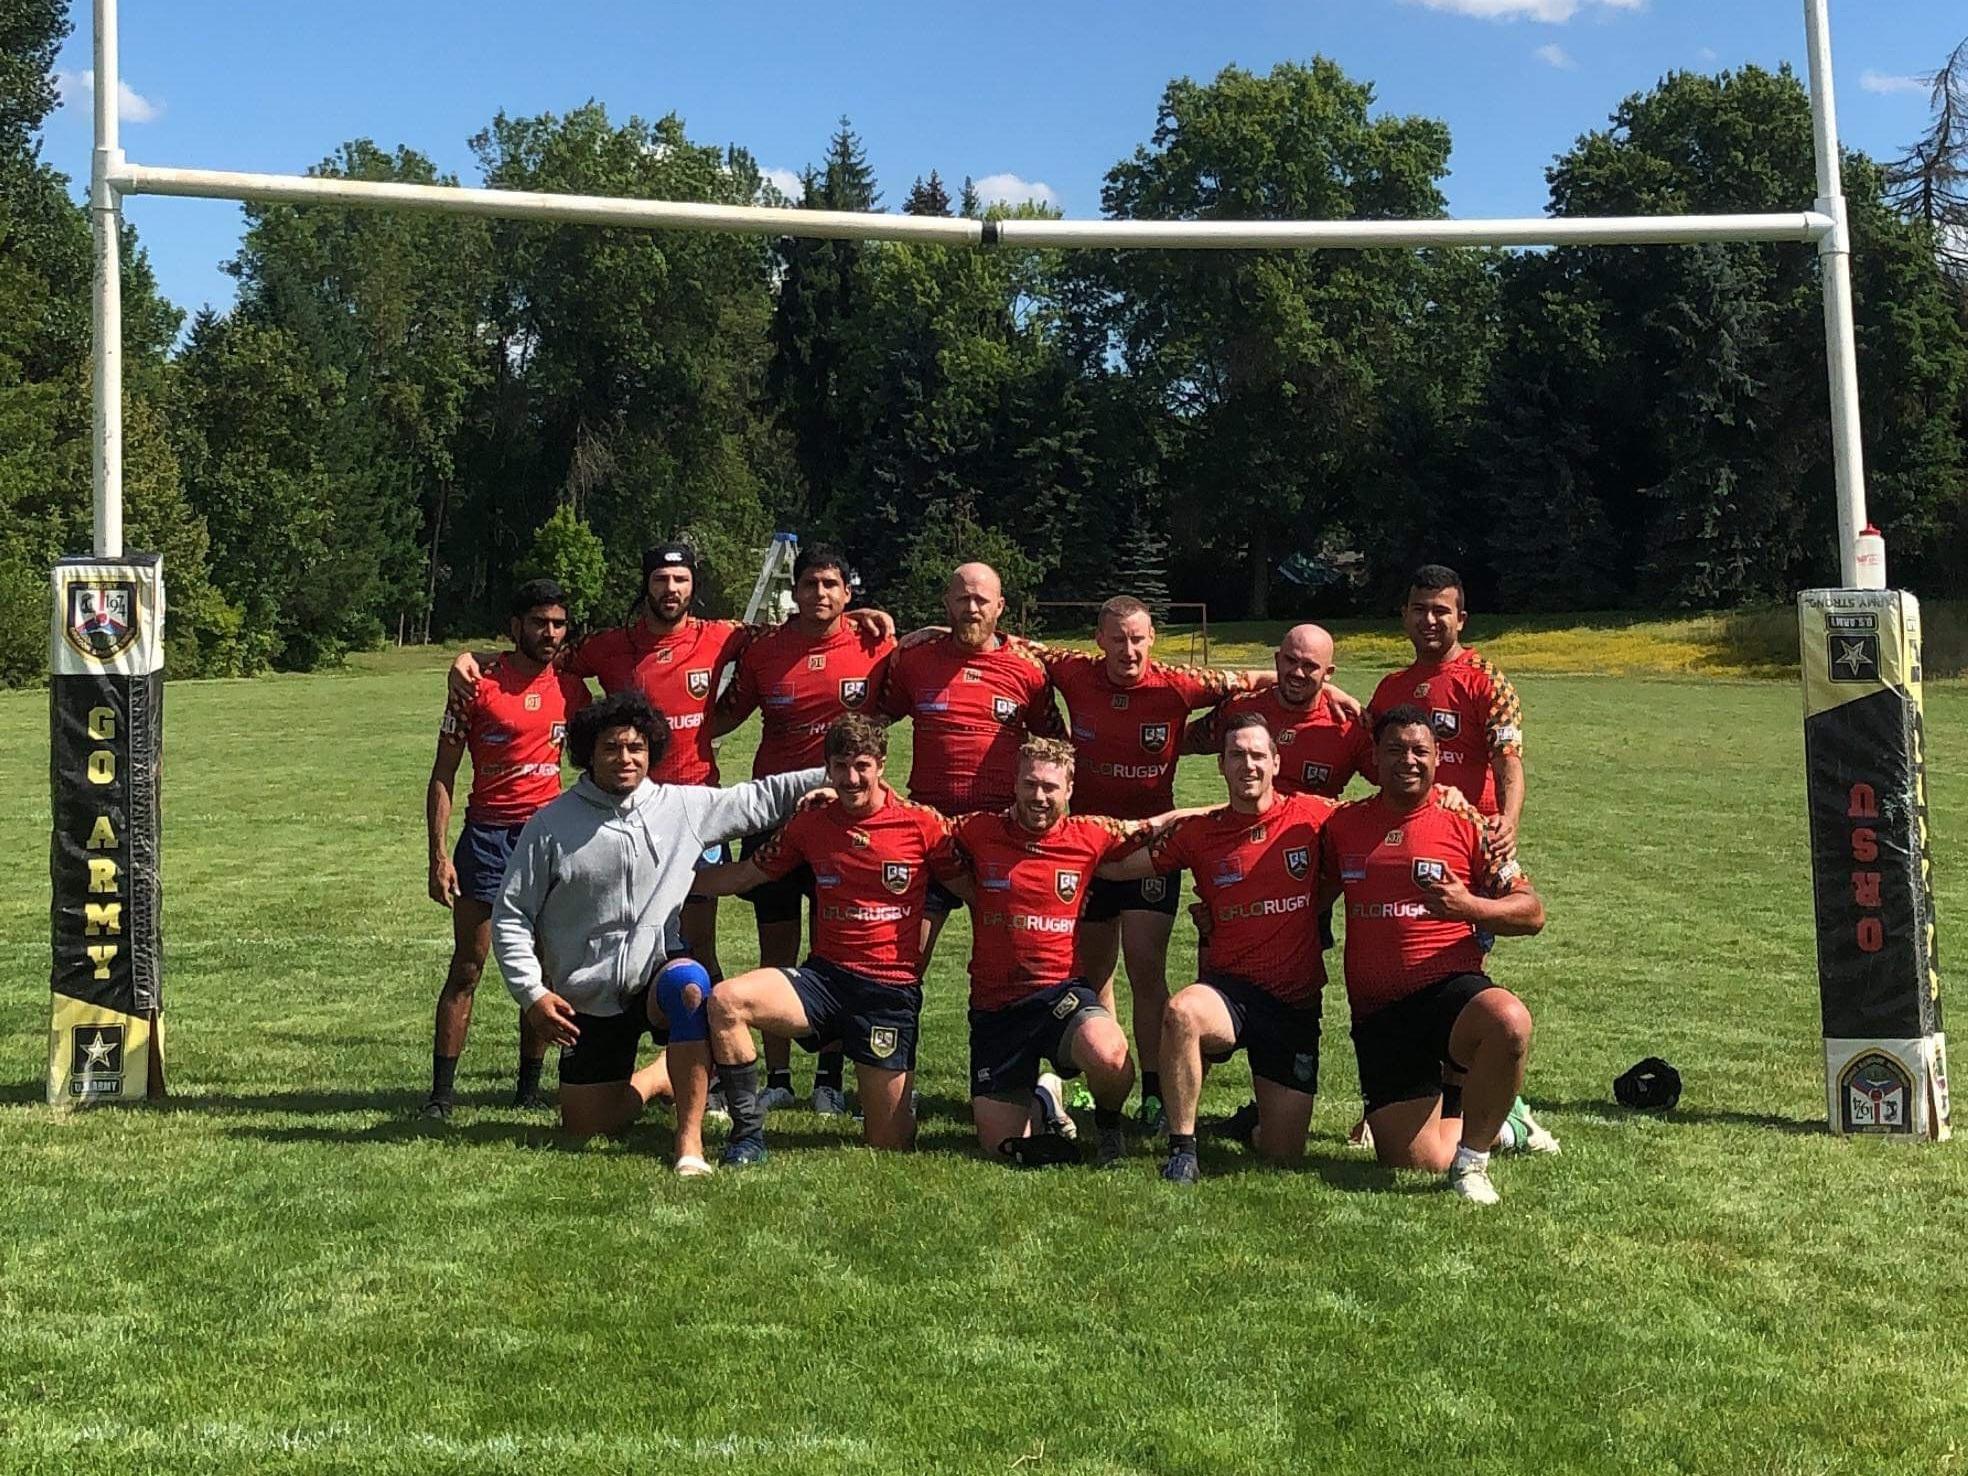 2019 ORSU Roy Lucas Rugby 7's Mens Team